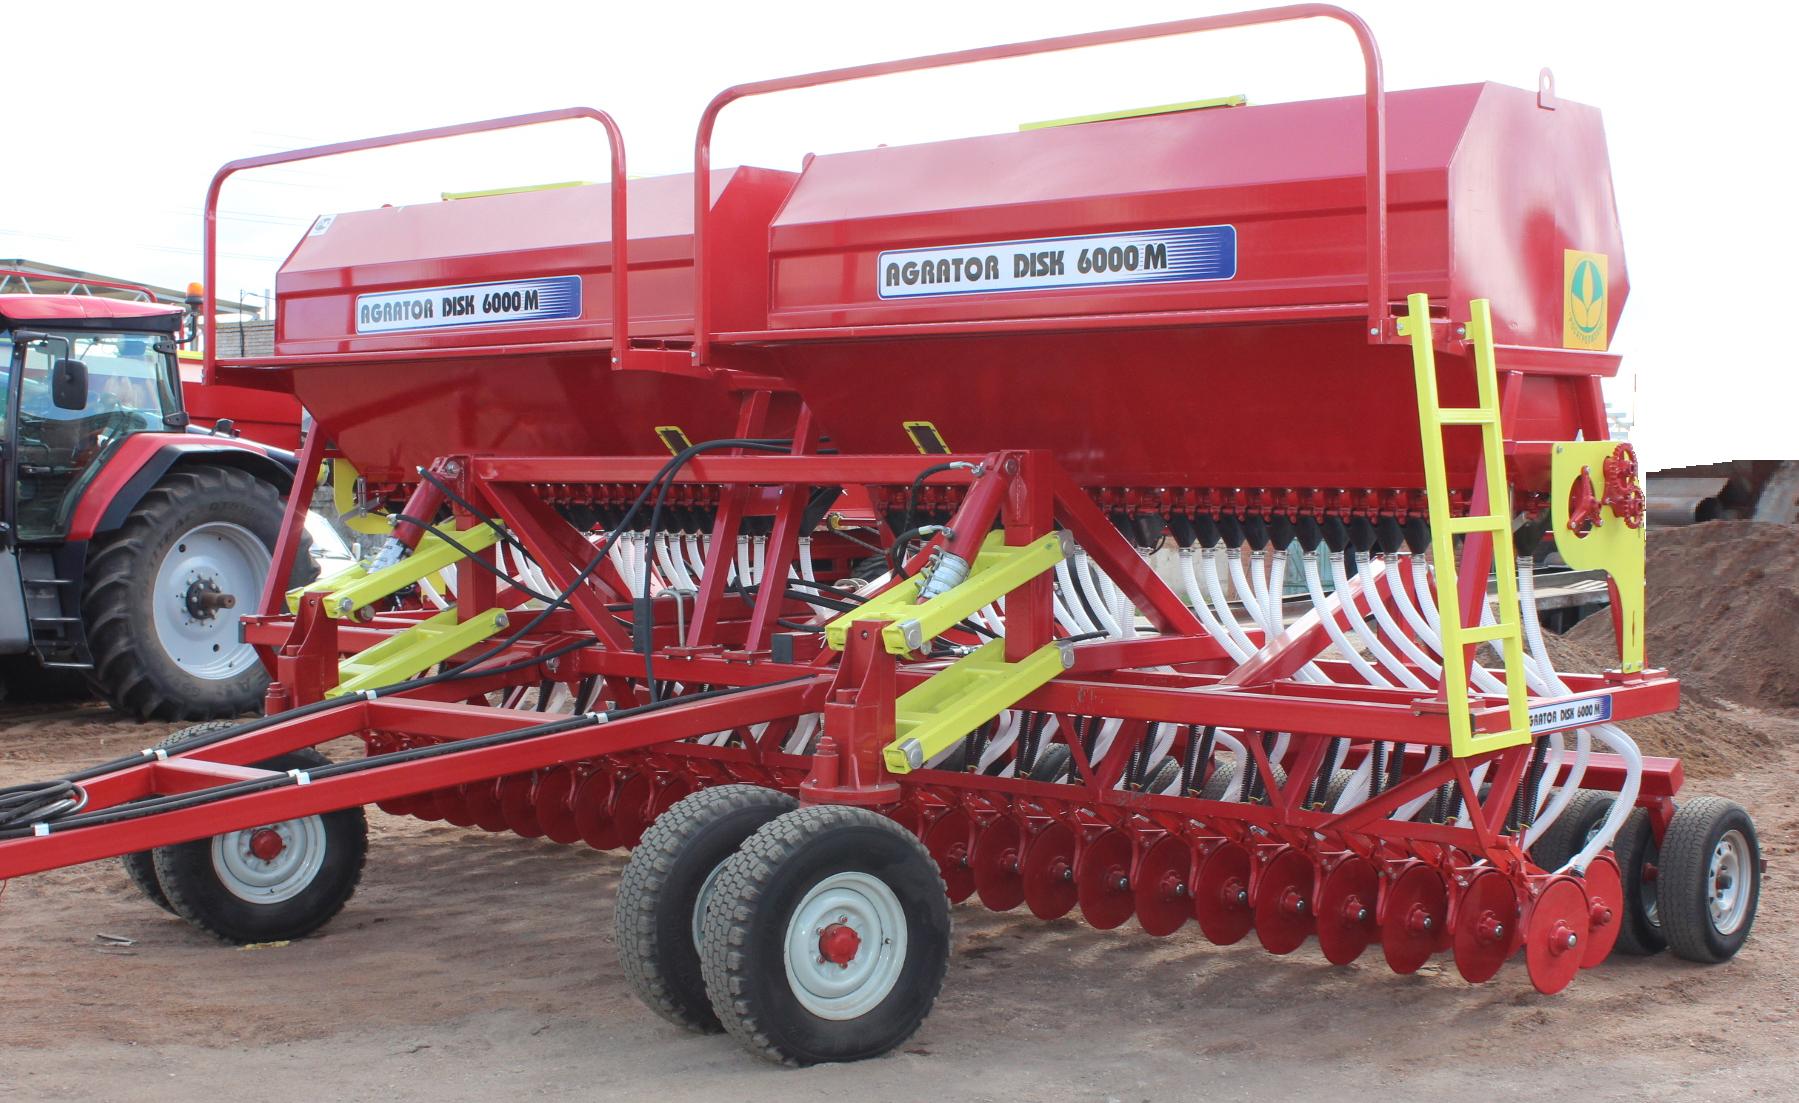 agrator-disk-6000